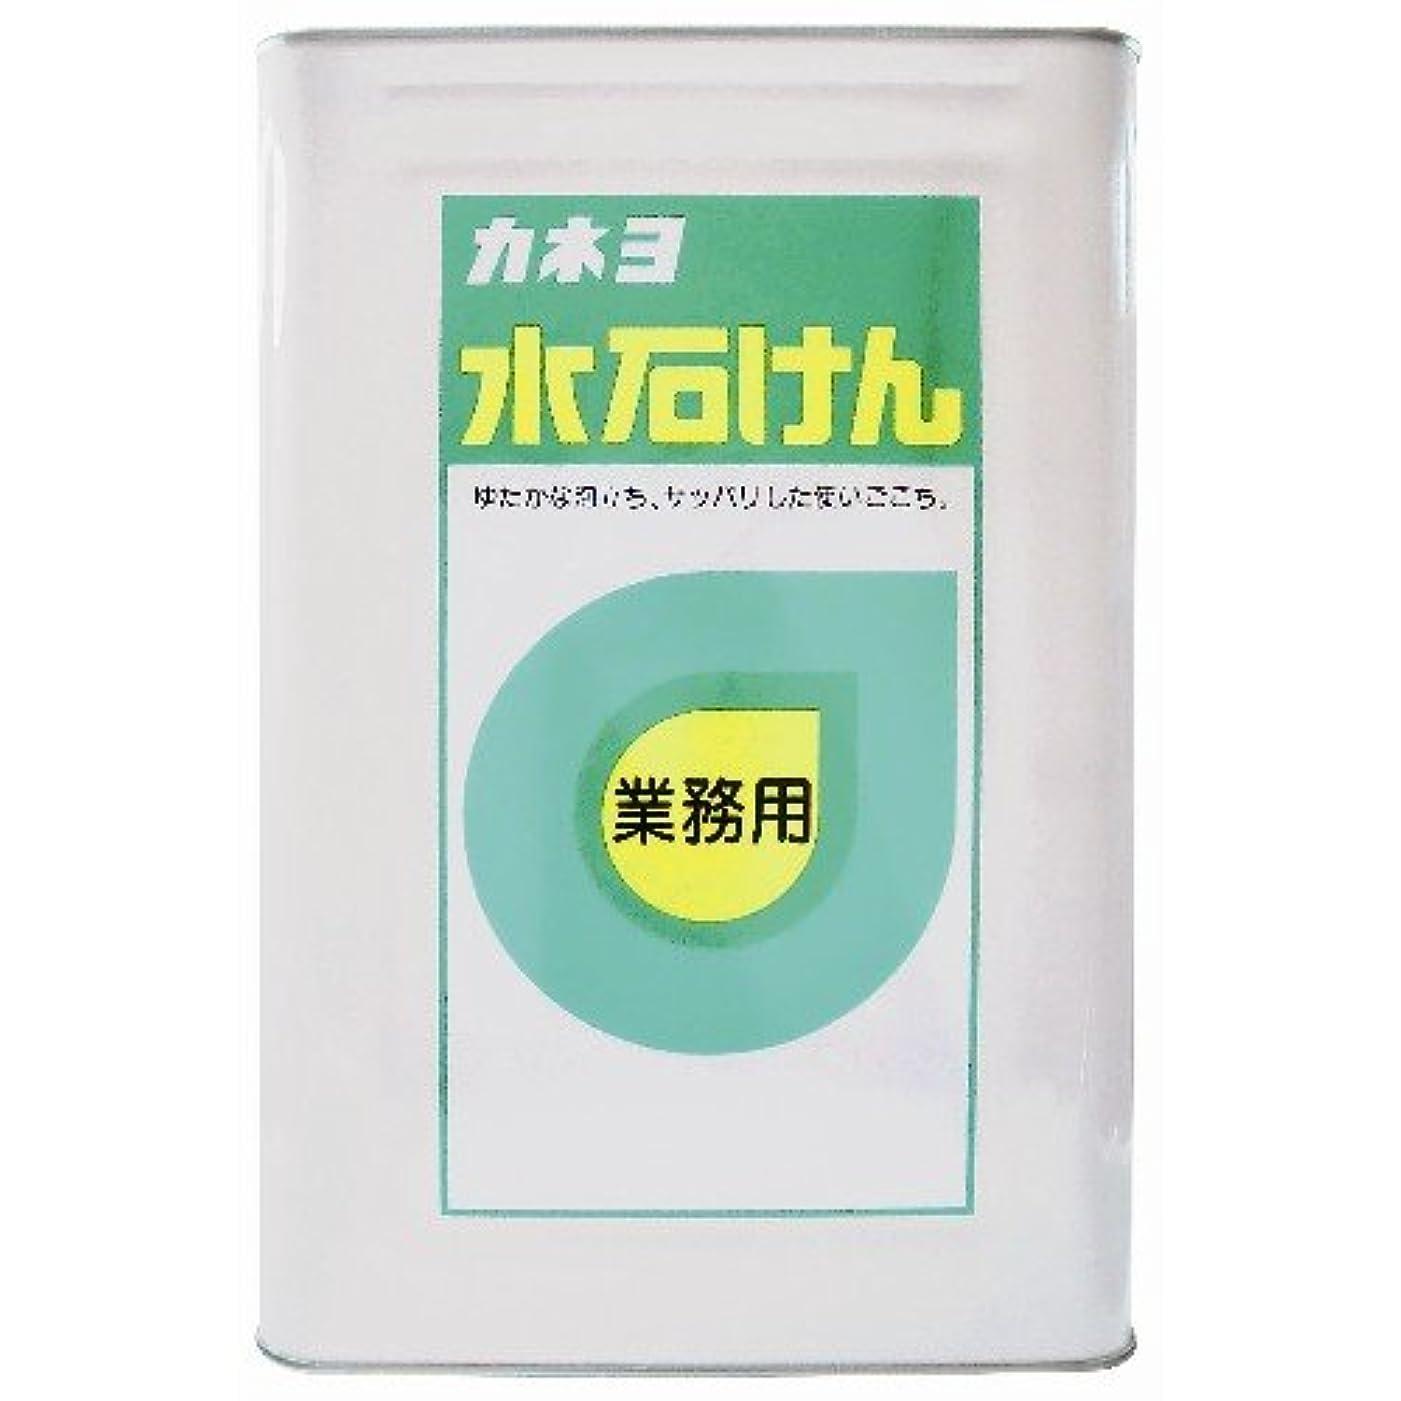 担保成分構想する【大容量】 カネヨ石鹸 ハンドソープ 水石けん 液体 業務用 18L 一斗缶